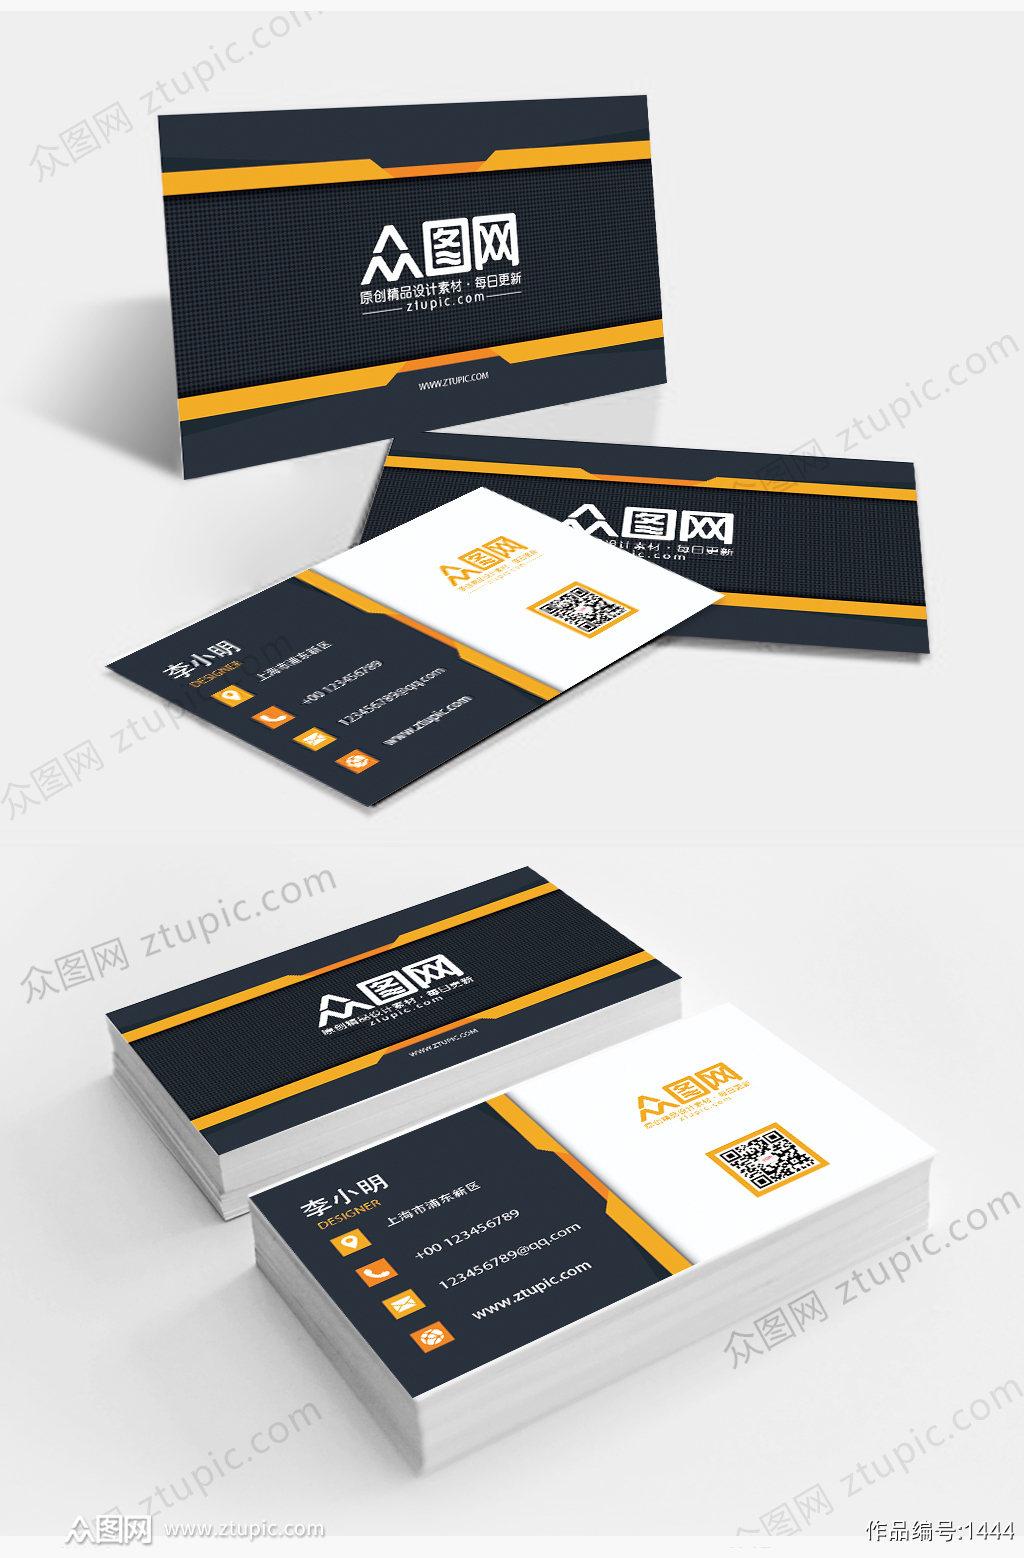 原创个性互联网商务创意横版竖版名片设计模板素材